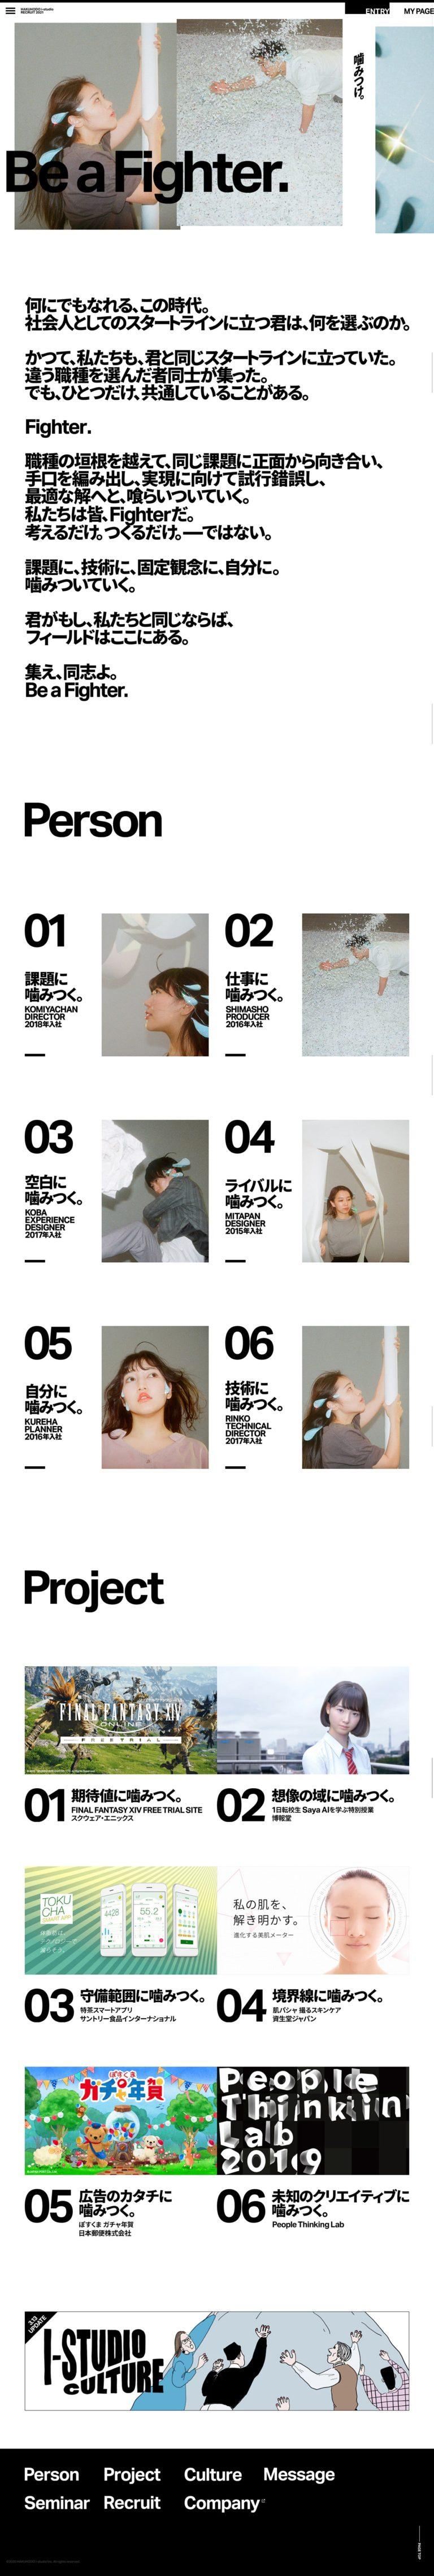 2021年度博報堂アイ・スタジオ新卒採用サイト